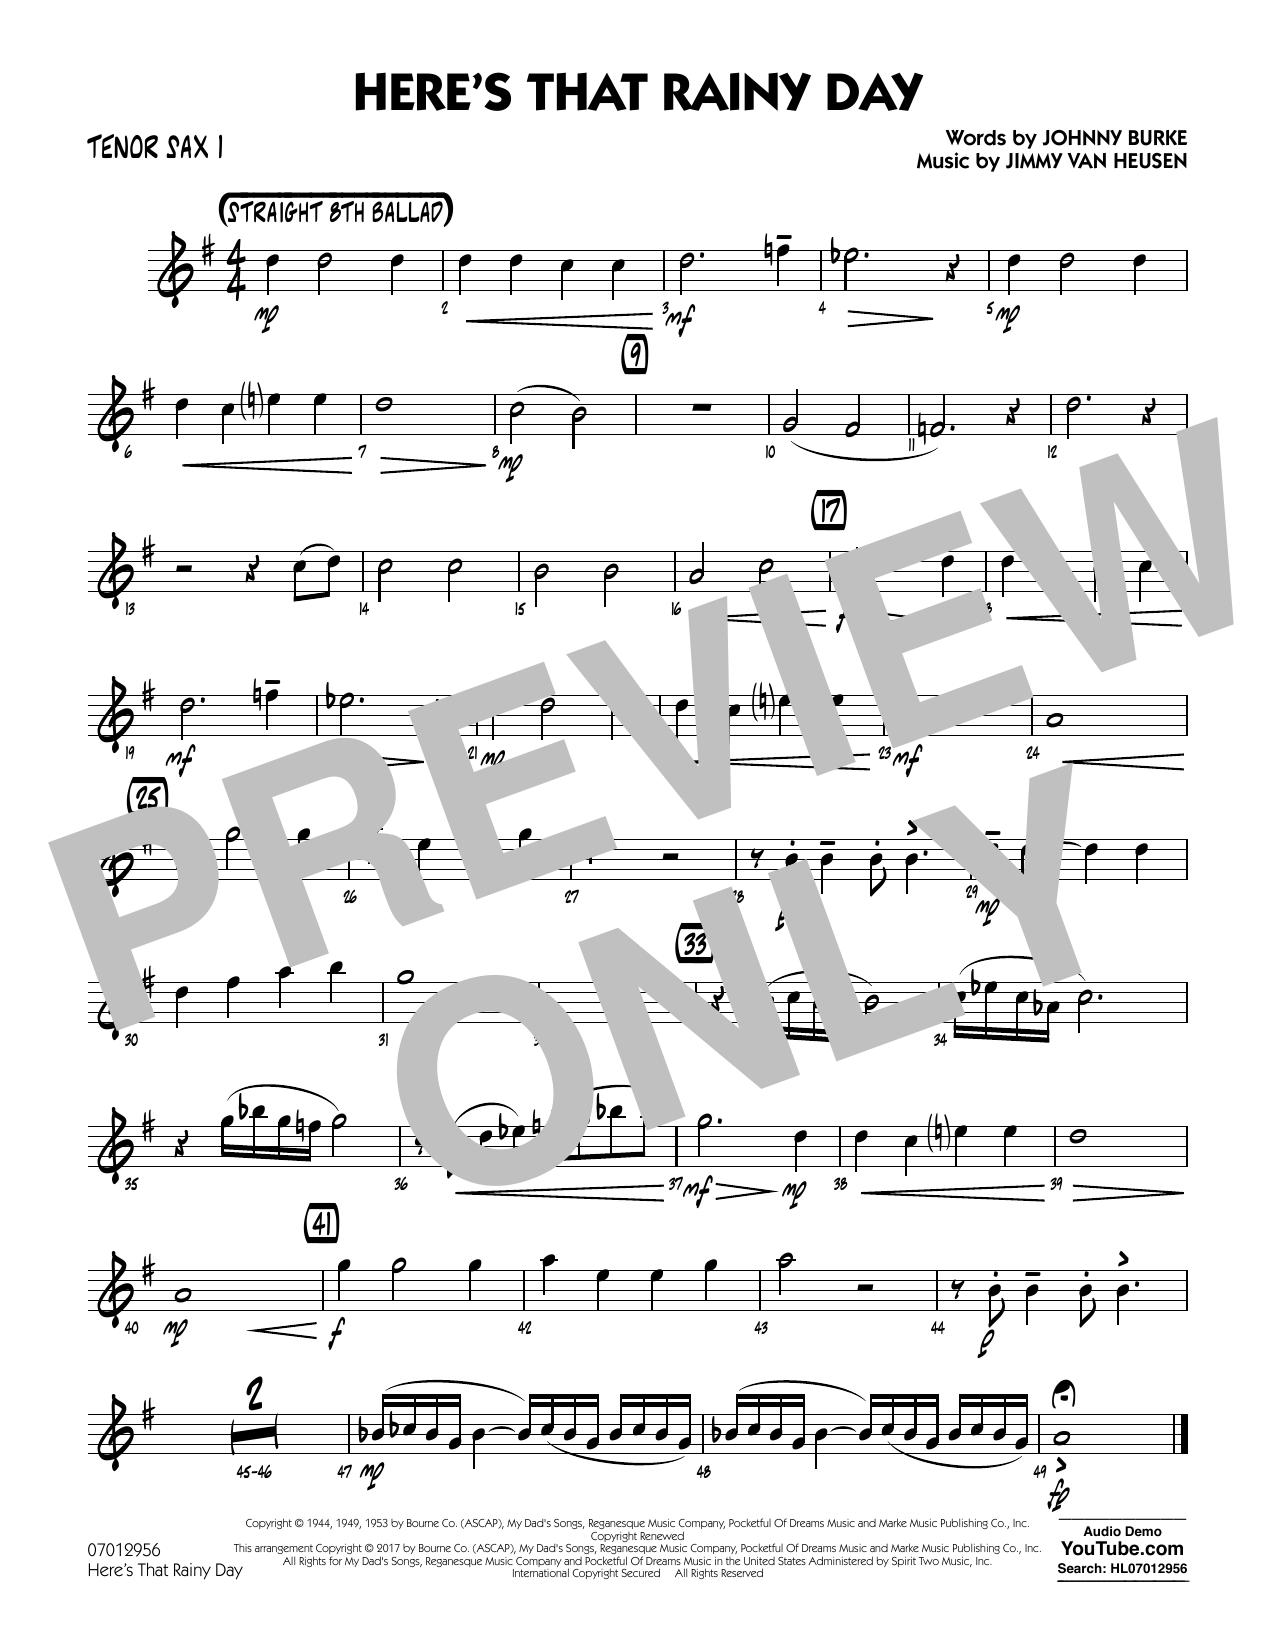 Here's That Rainy Day - Tenor Sax 1 Sheet Music